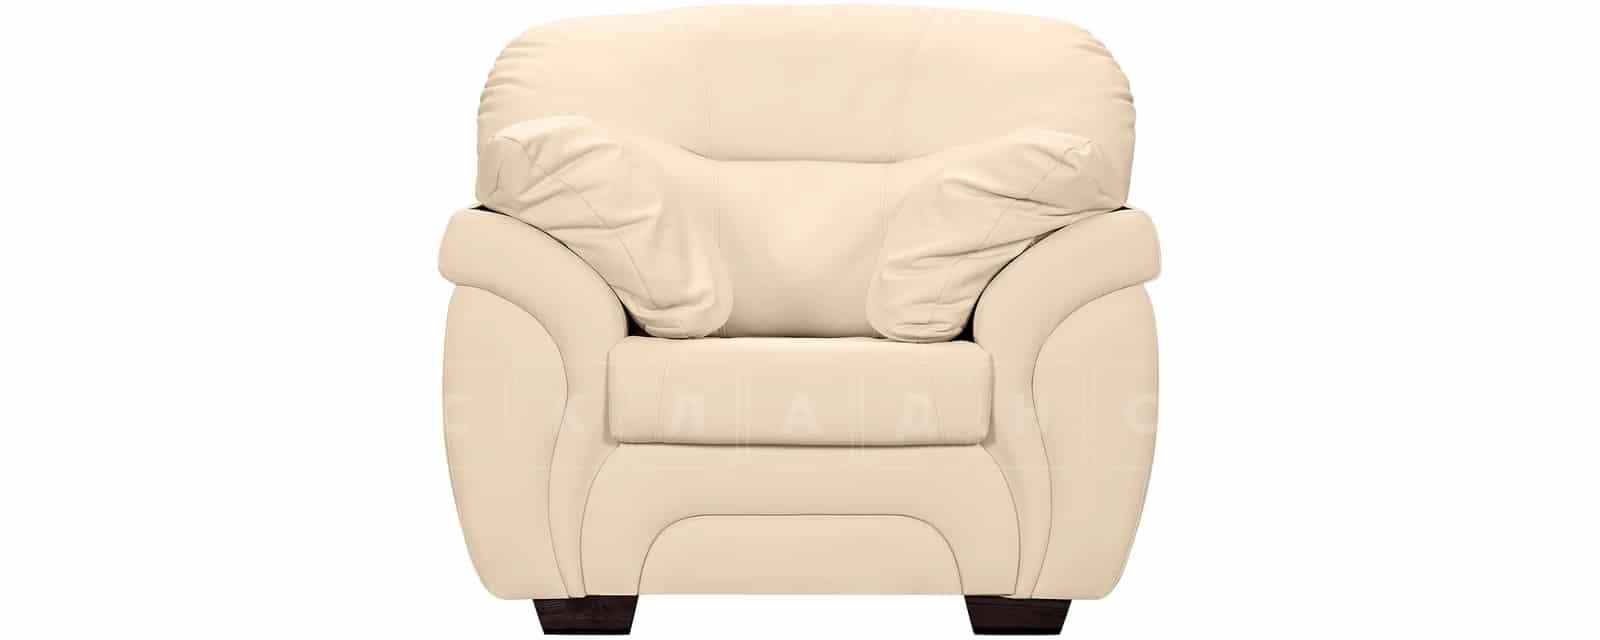 Кресло Бристоль кожаное бежевого цвета фото 2 | интернет-магазин Складно